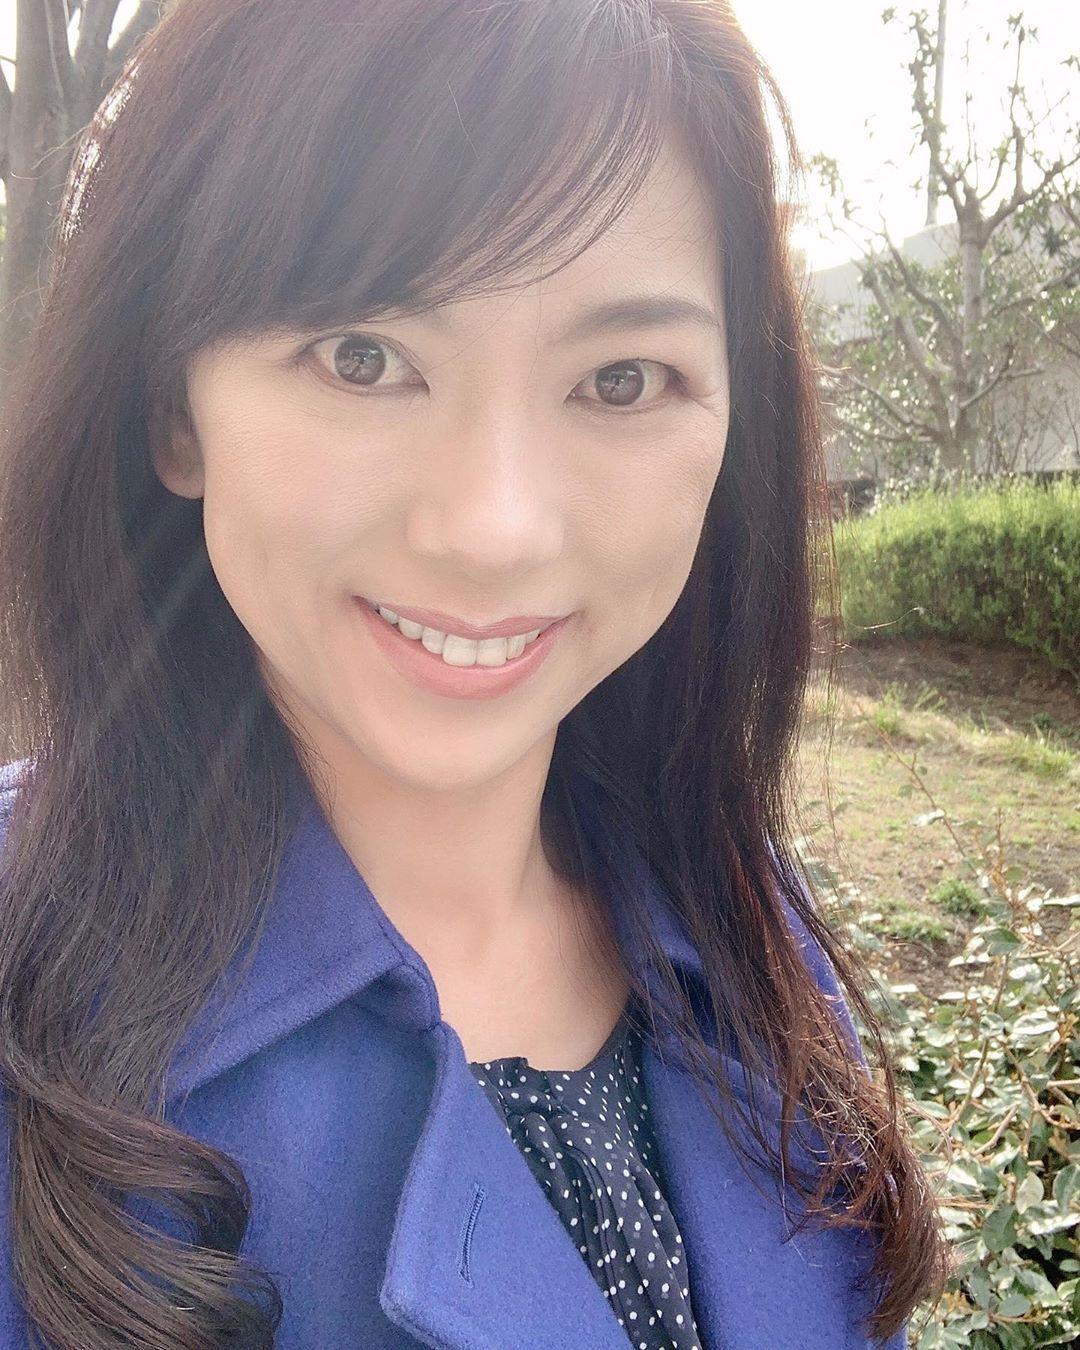 モデル 美容家 コスメコンサル Saeko Kazumi On Instagram おはよう